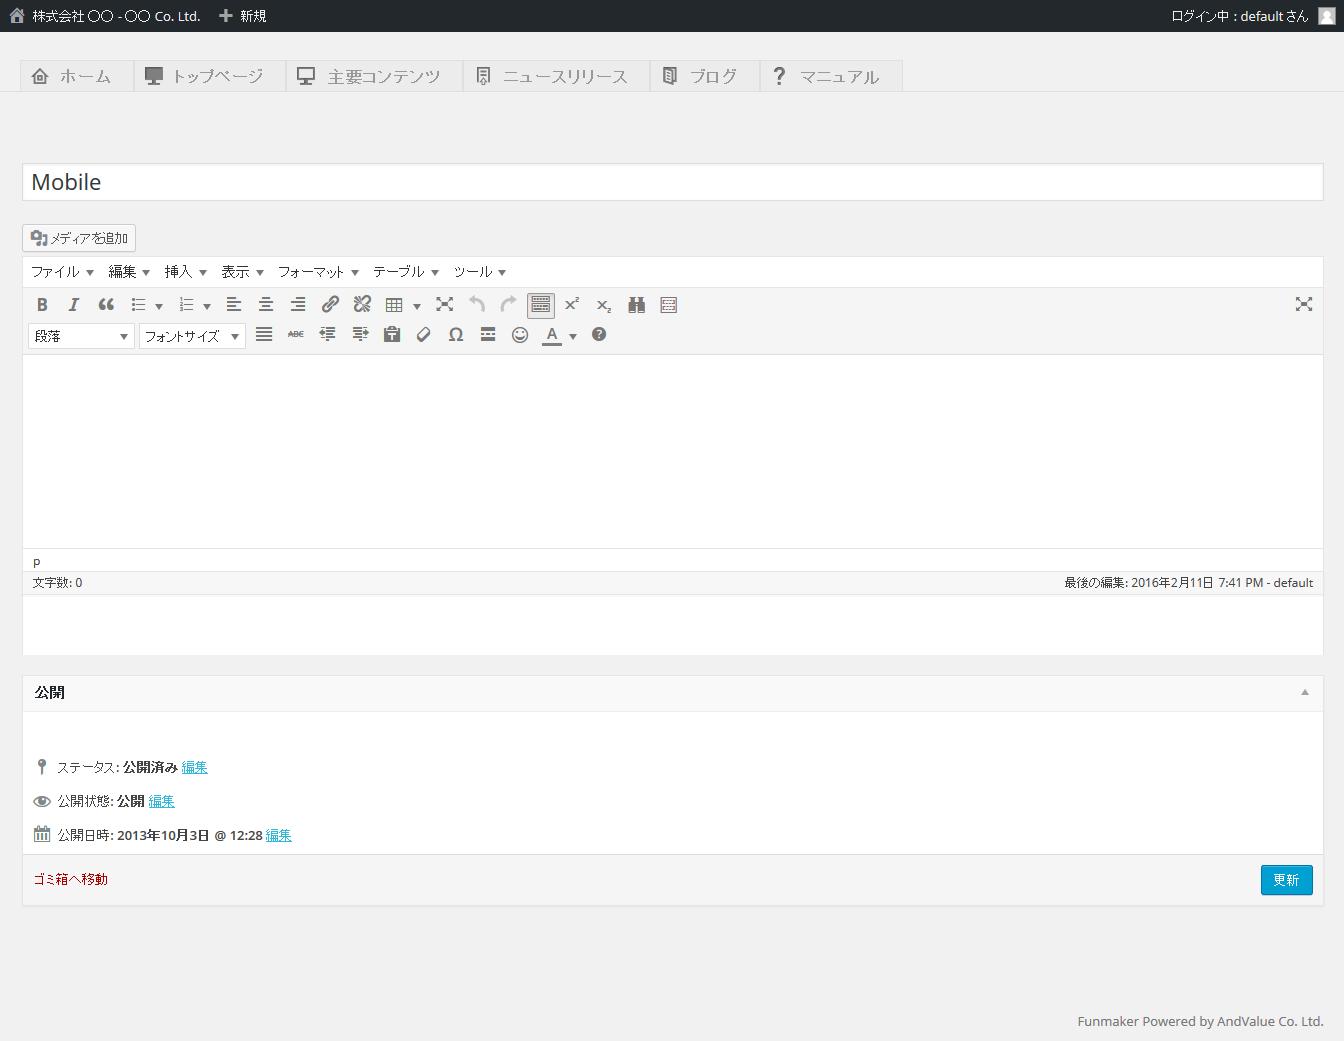 スマホフッターの編集 - 簡単格安ホームページ作成会社 -FunMaker